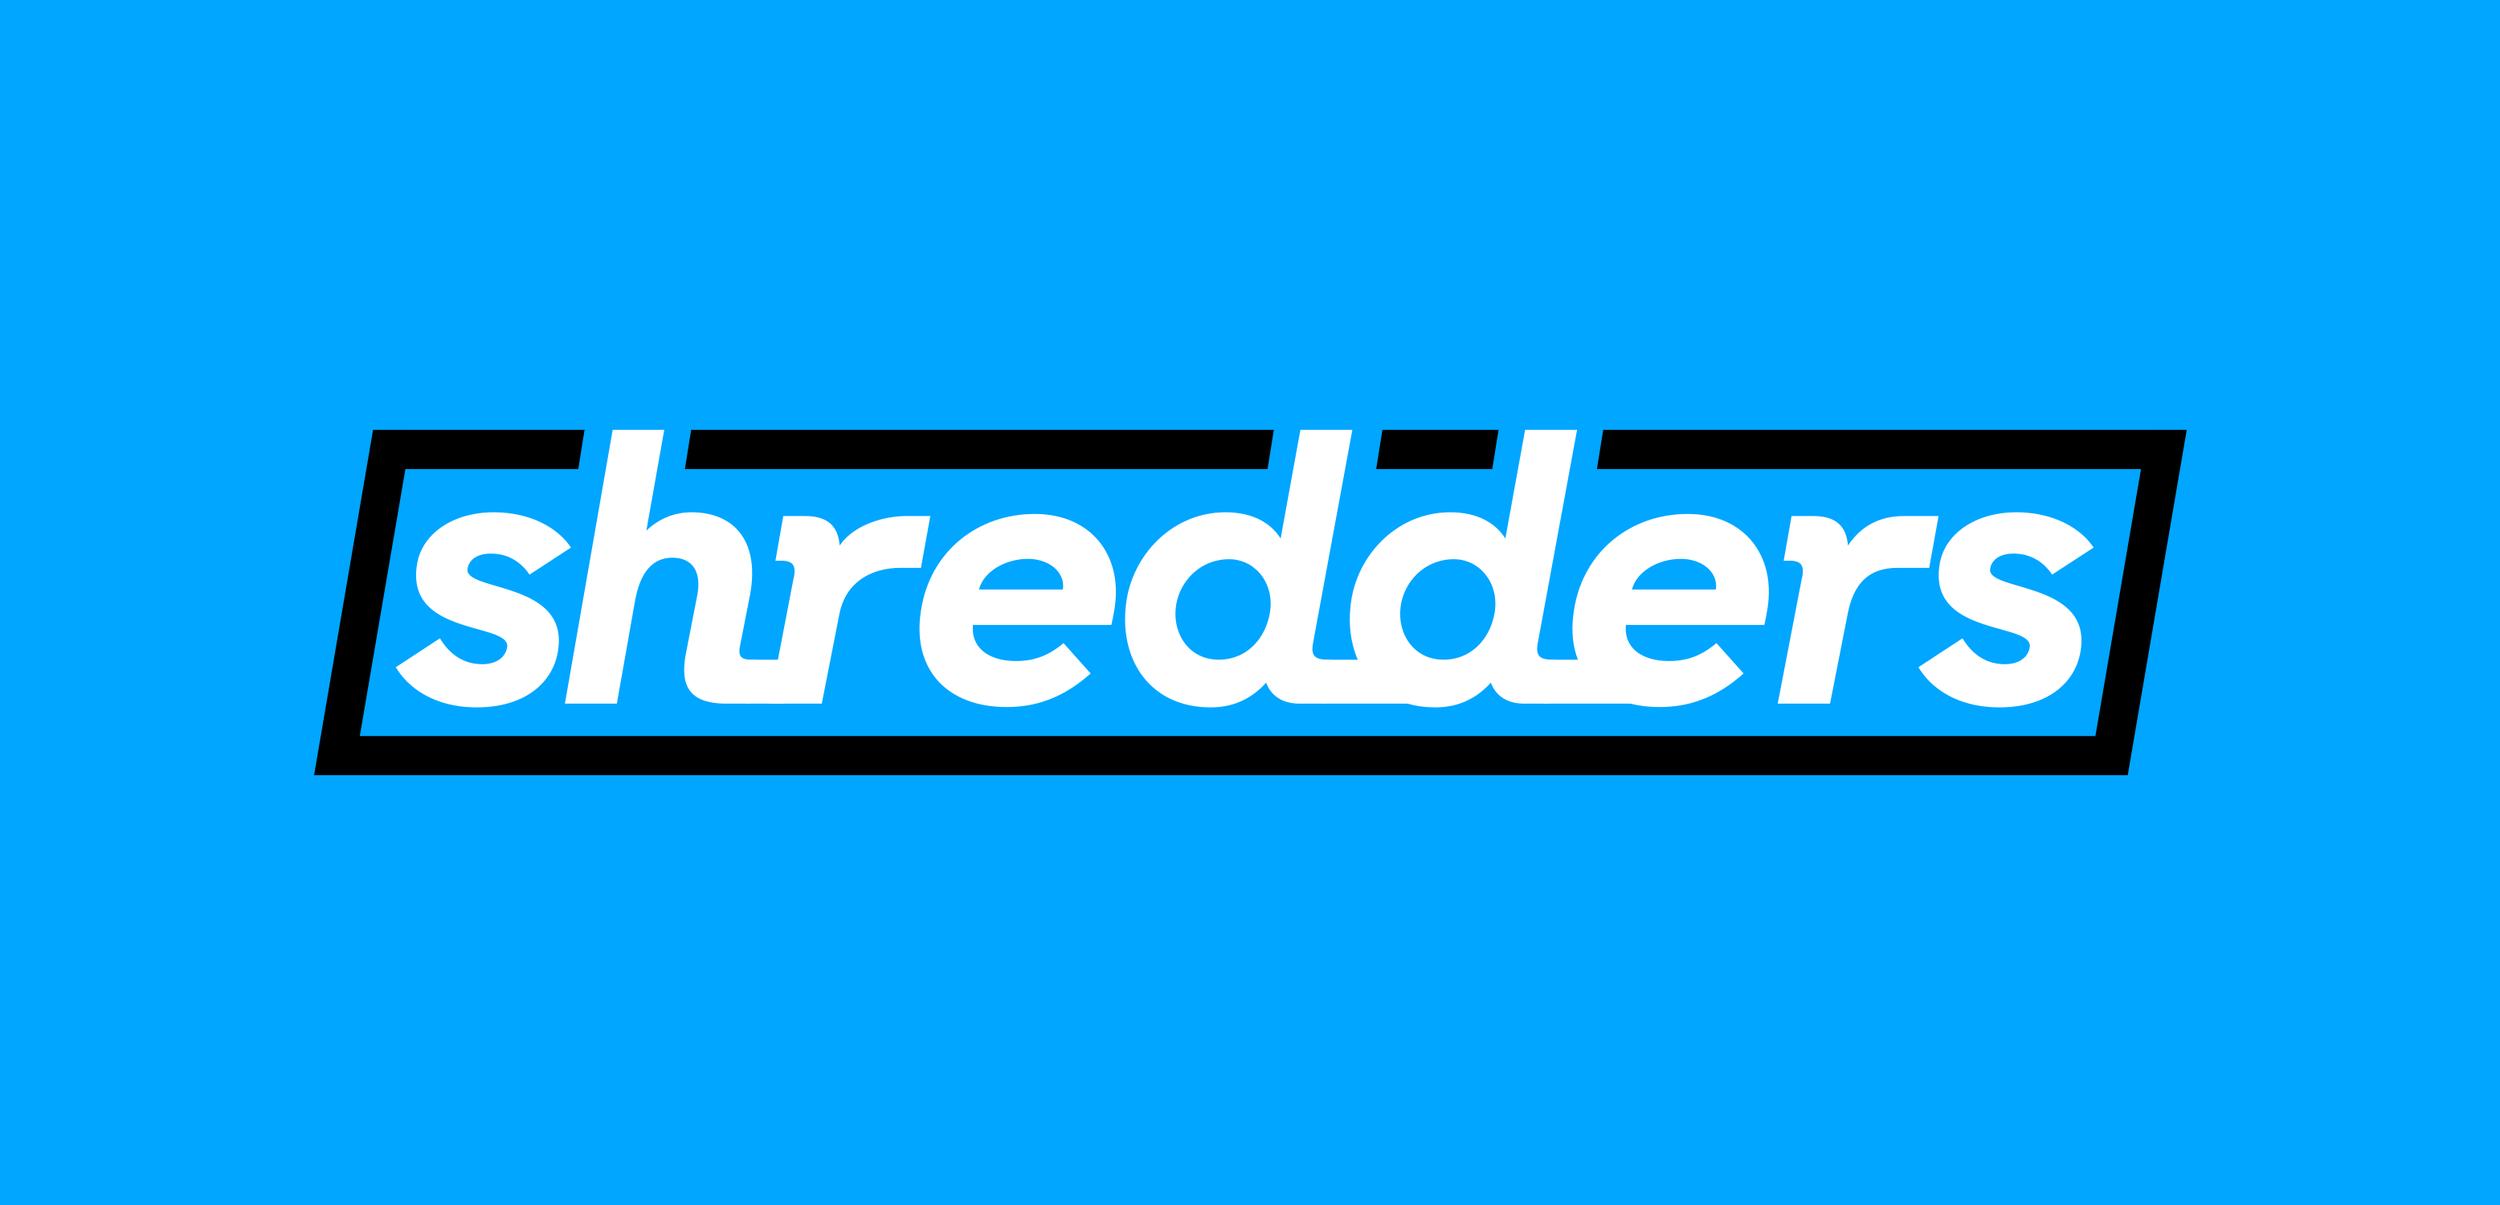 MTV-shredders-logo-long-v2.png